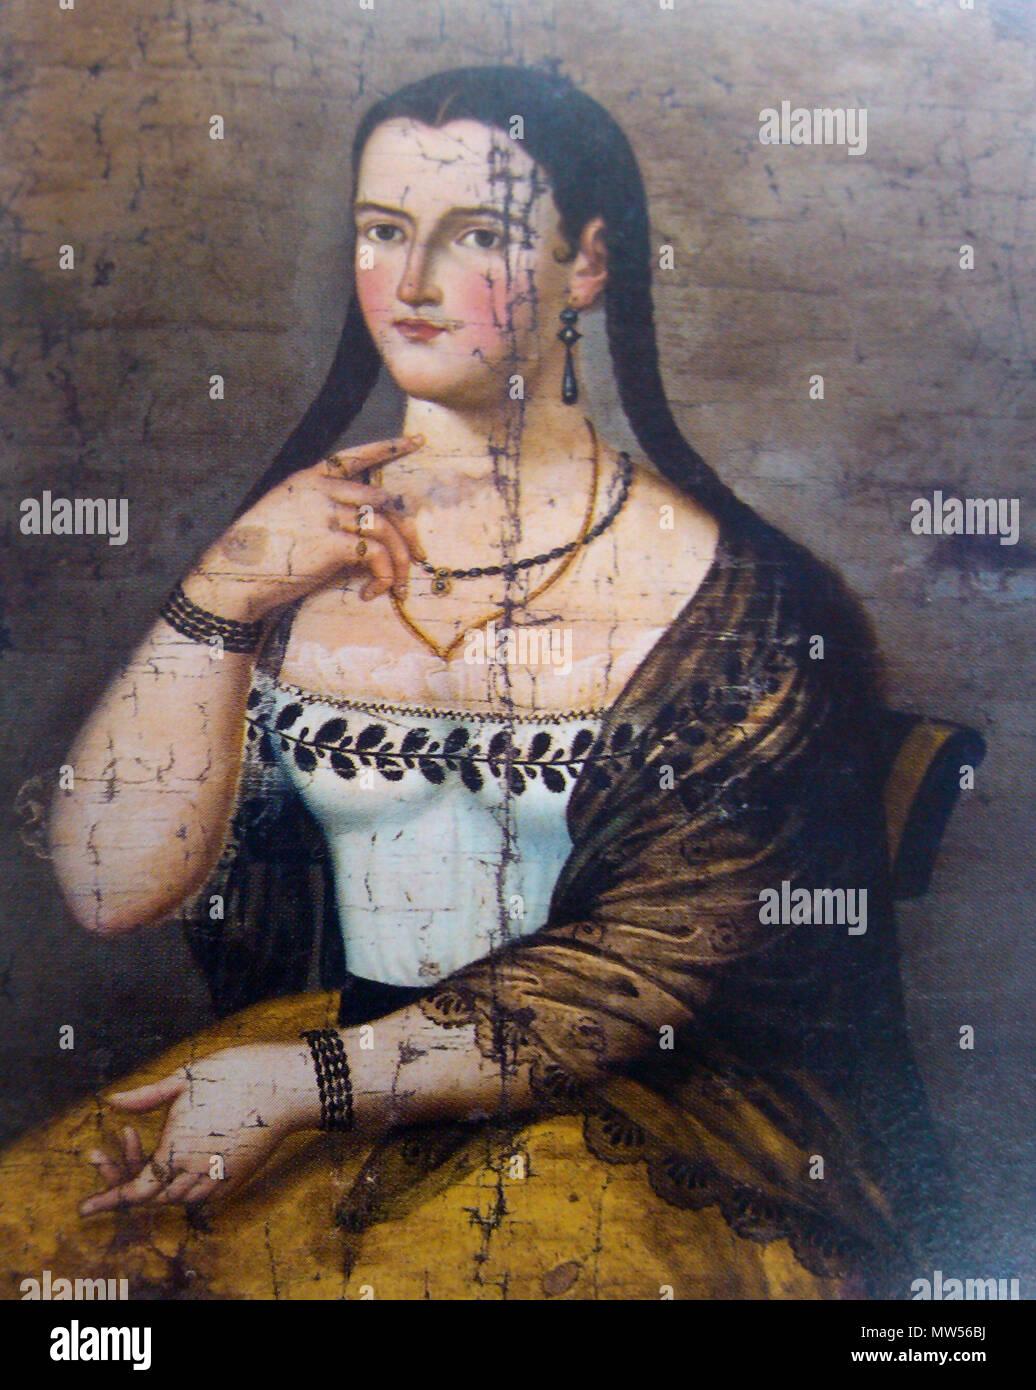 391 Manuela Cañizares (adolescente) 02 Photo Stock